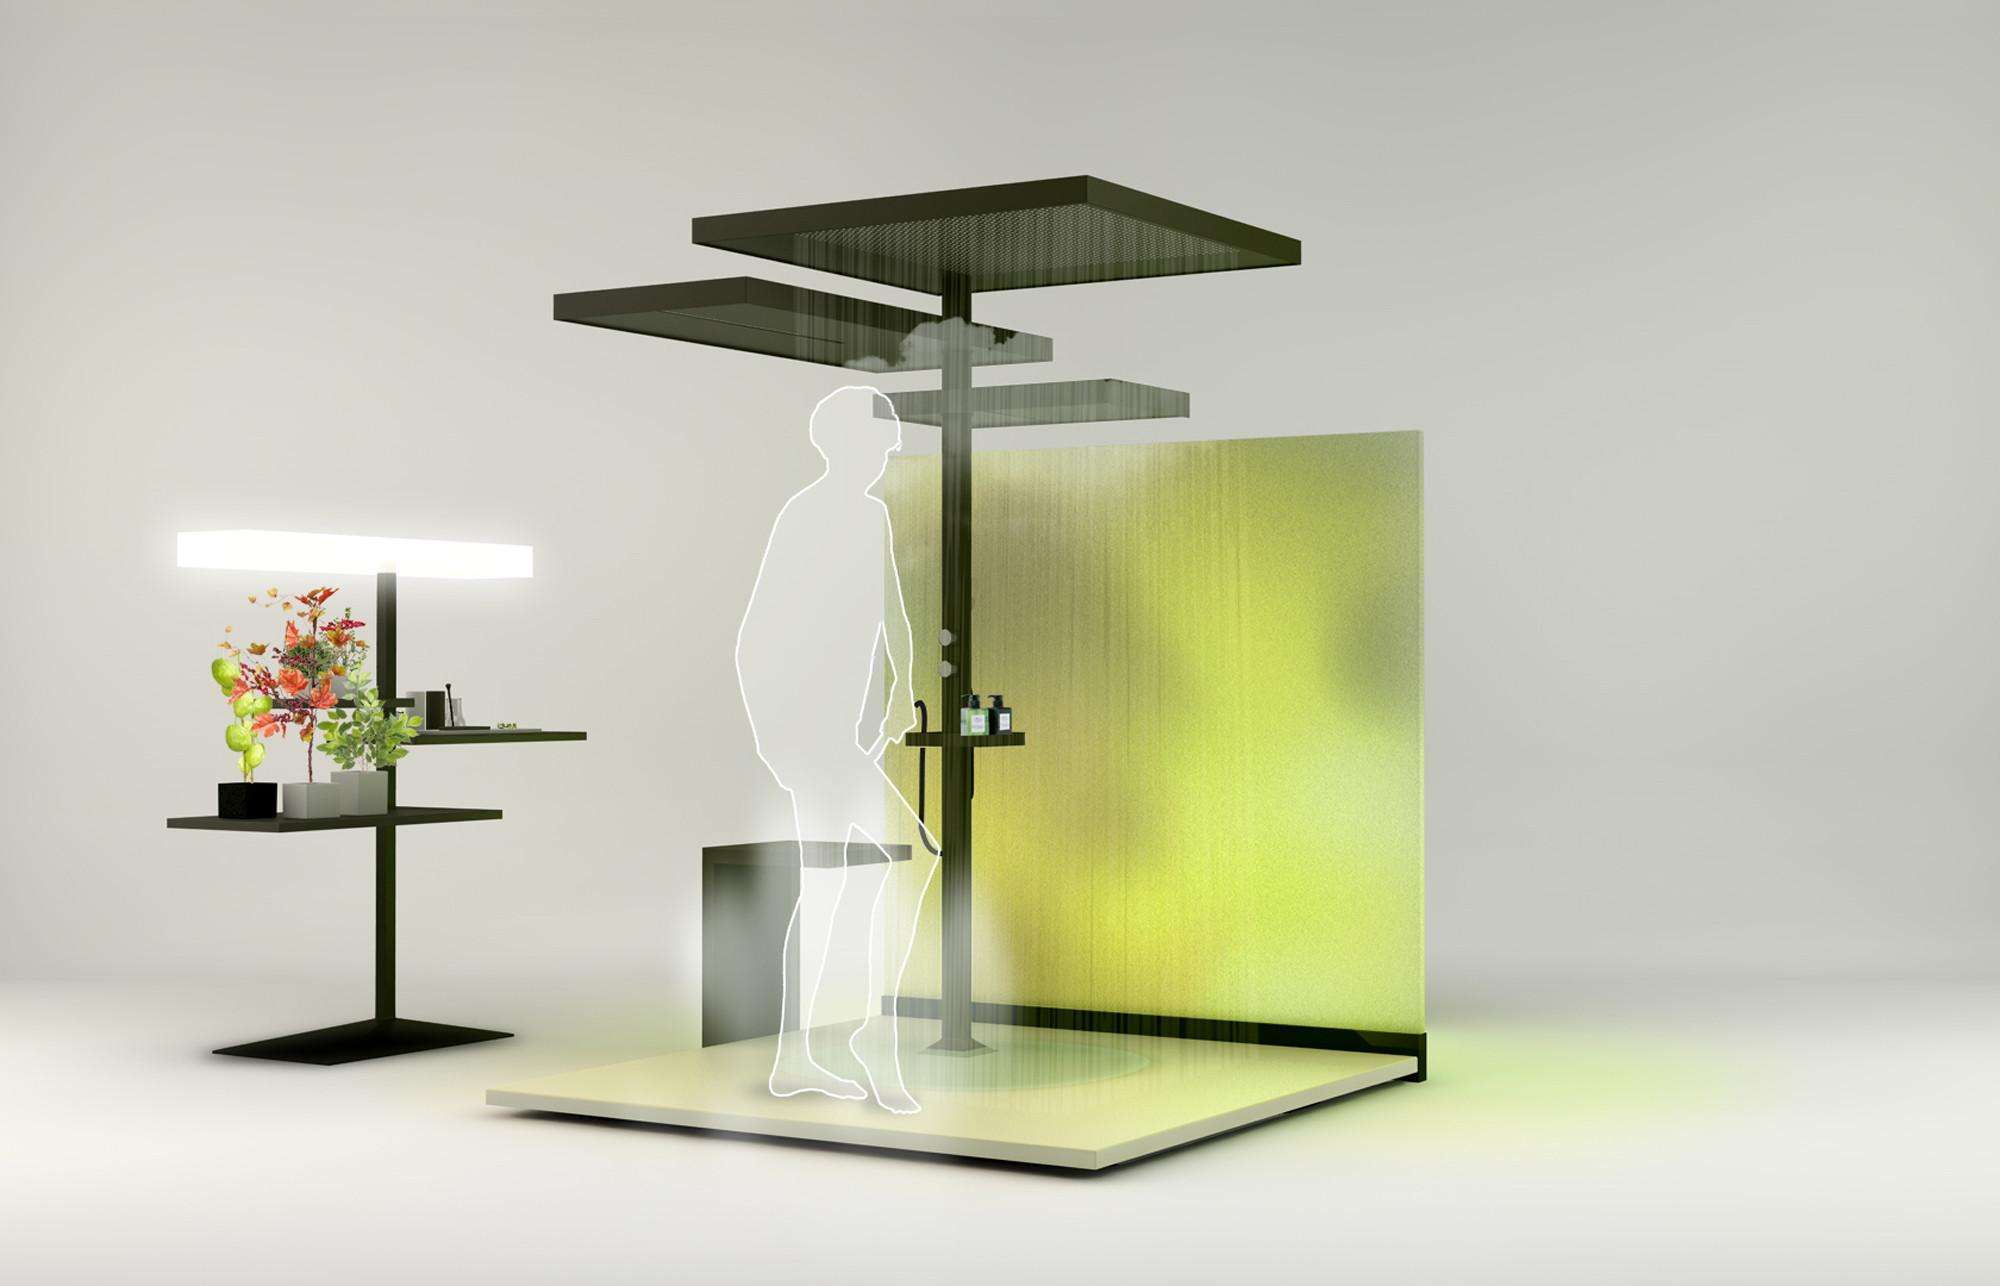 Проект Kengai, избранный в пятёрку лучших на конкурсе Hansgrohe Award 2014: Efficient Water Design